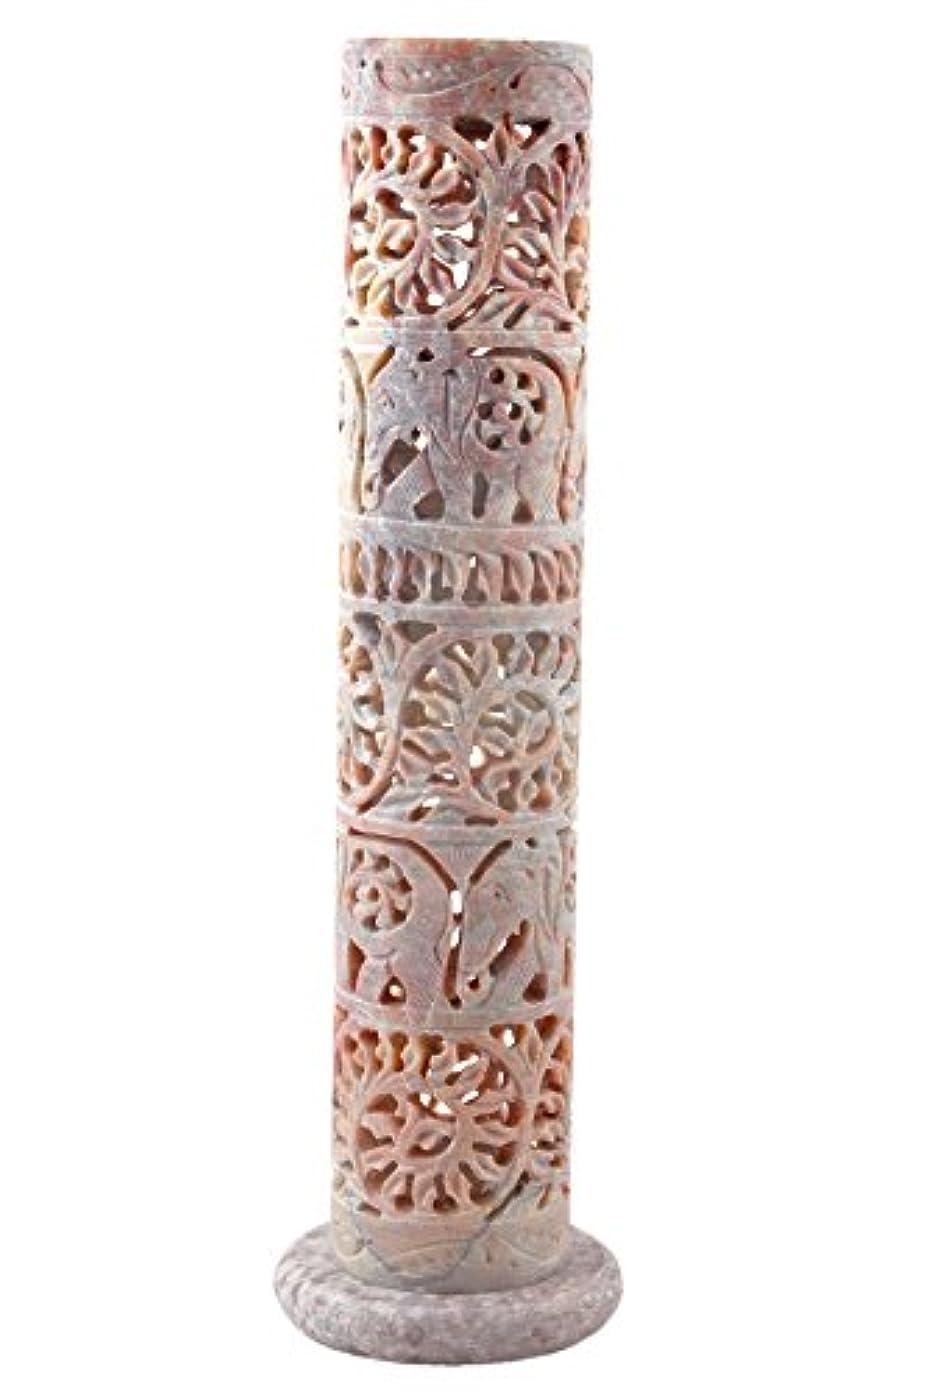 時間とともに鋸歯状ビジネスHashcart 装飾的な花と象のハンド彫刻 ソープストーン お香スティック ホルダー 10.6インチ 自宅のインテリア/ギフトに